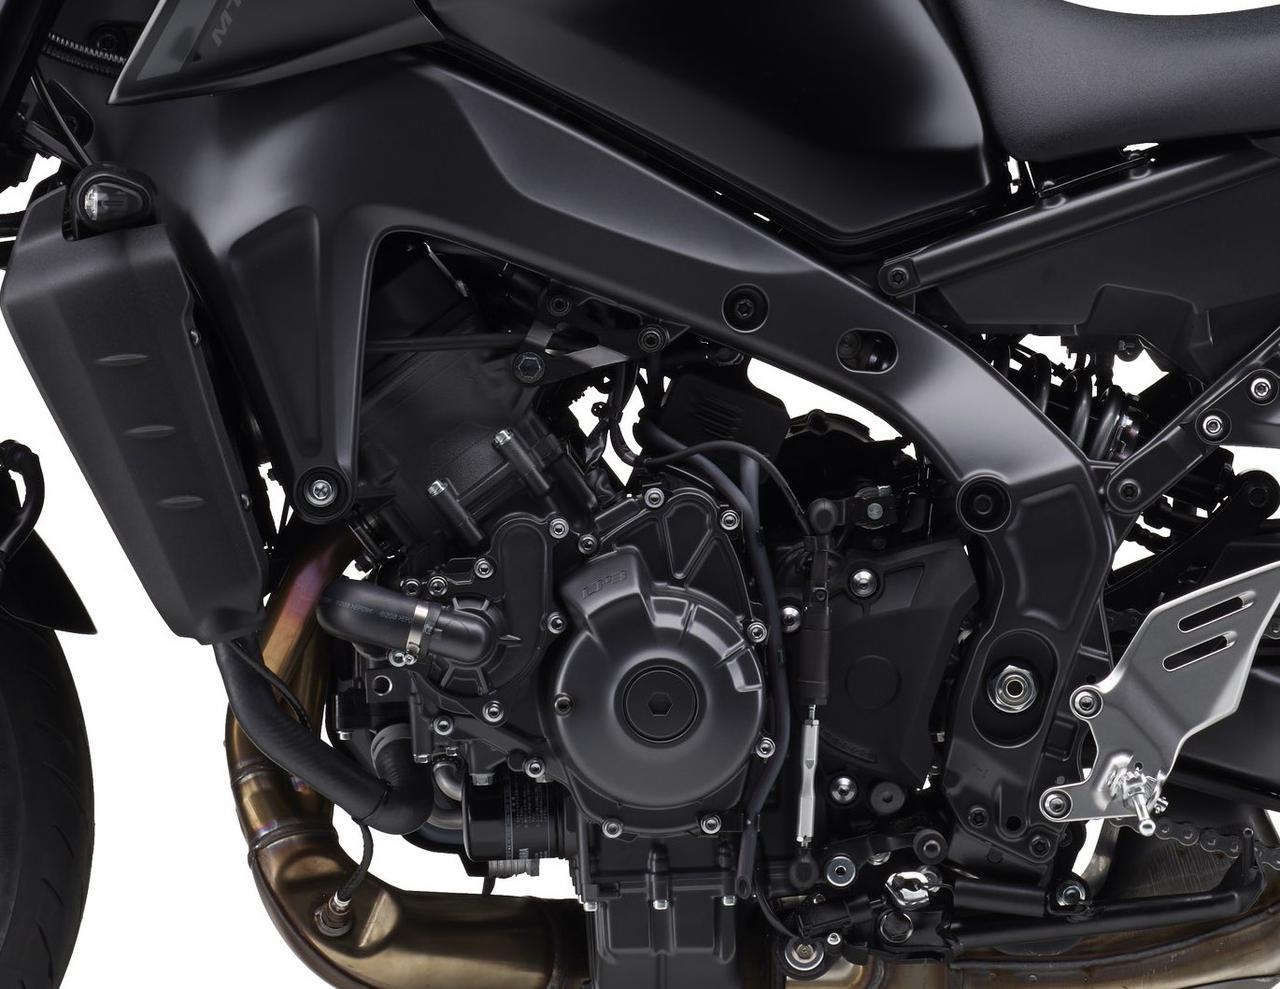 画像2: ヤマハ新型「MT-09 ABS」シリーズの特徴